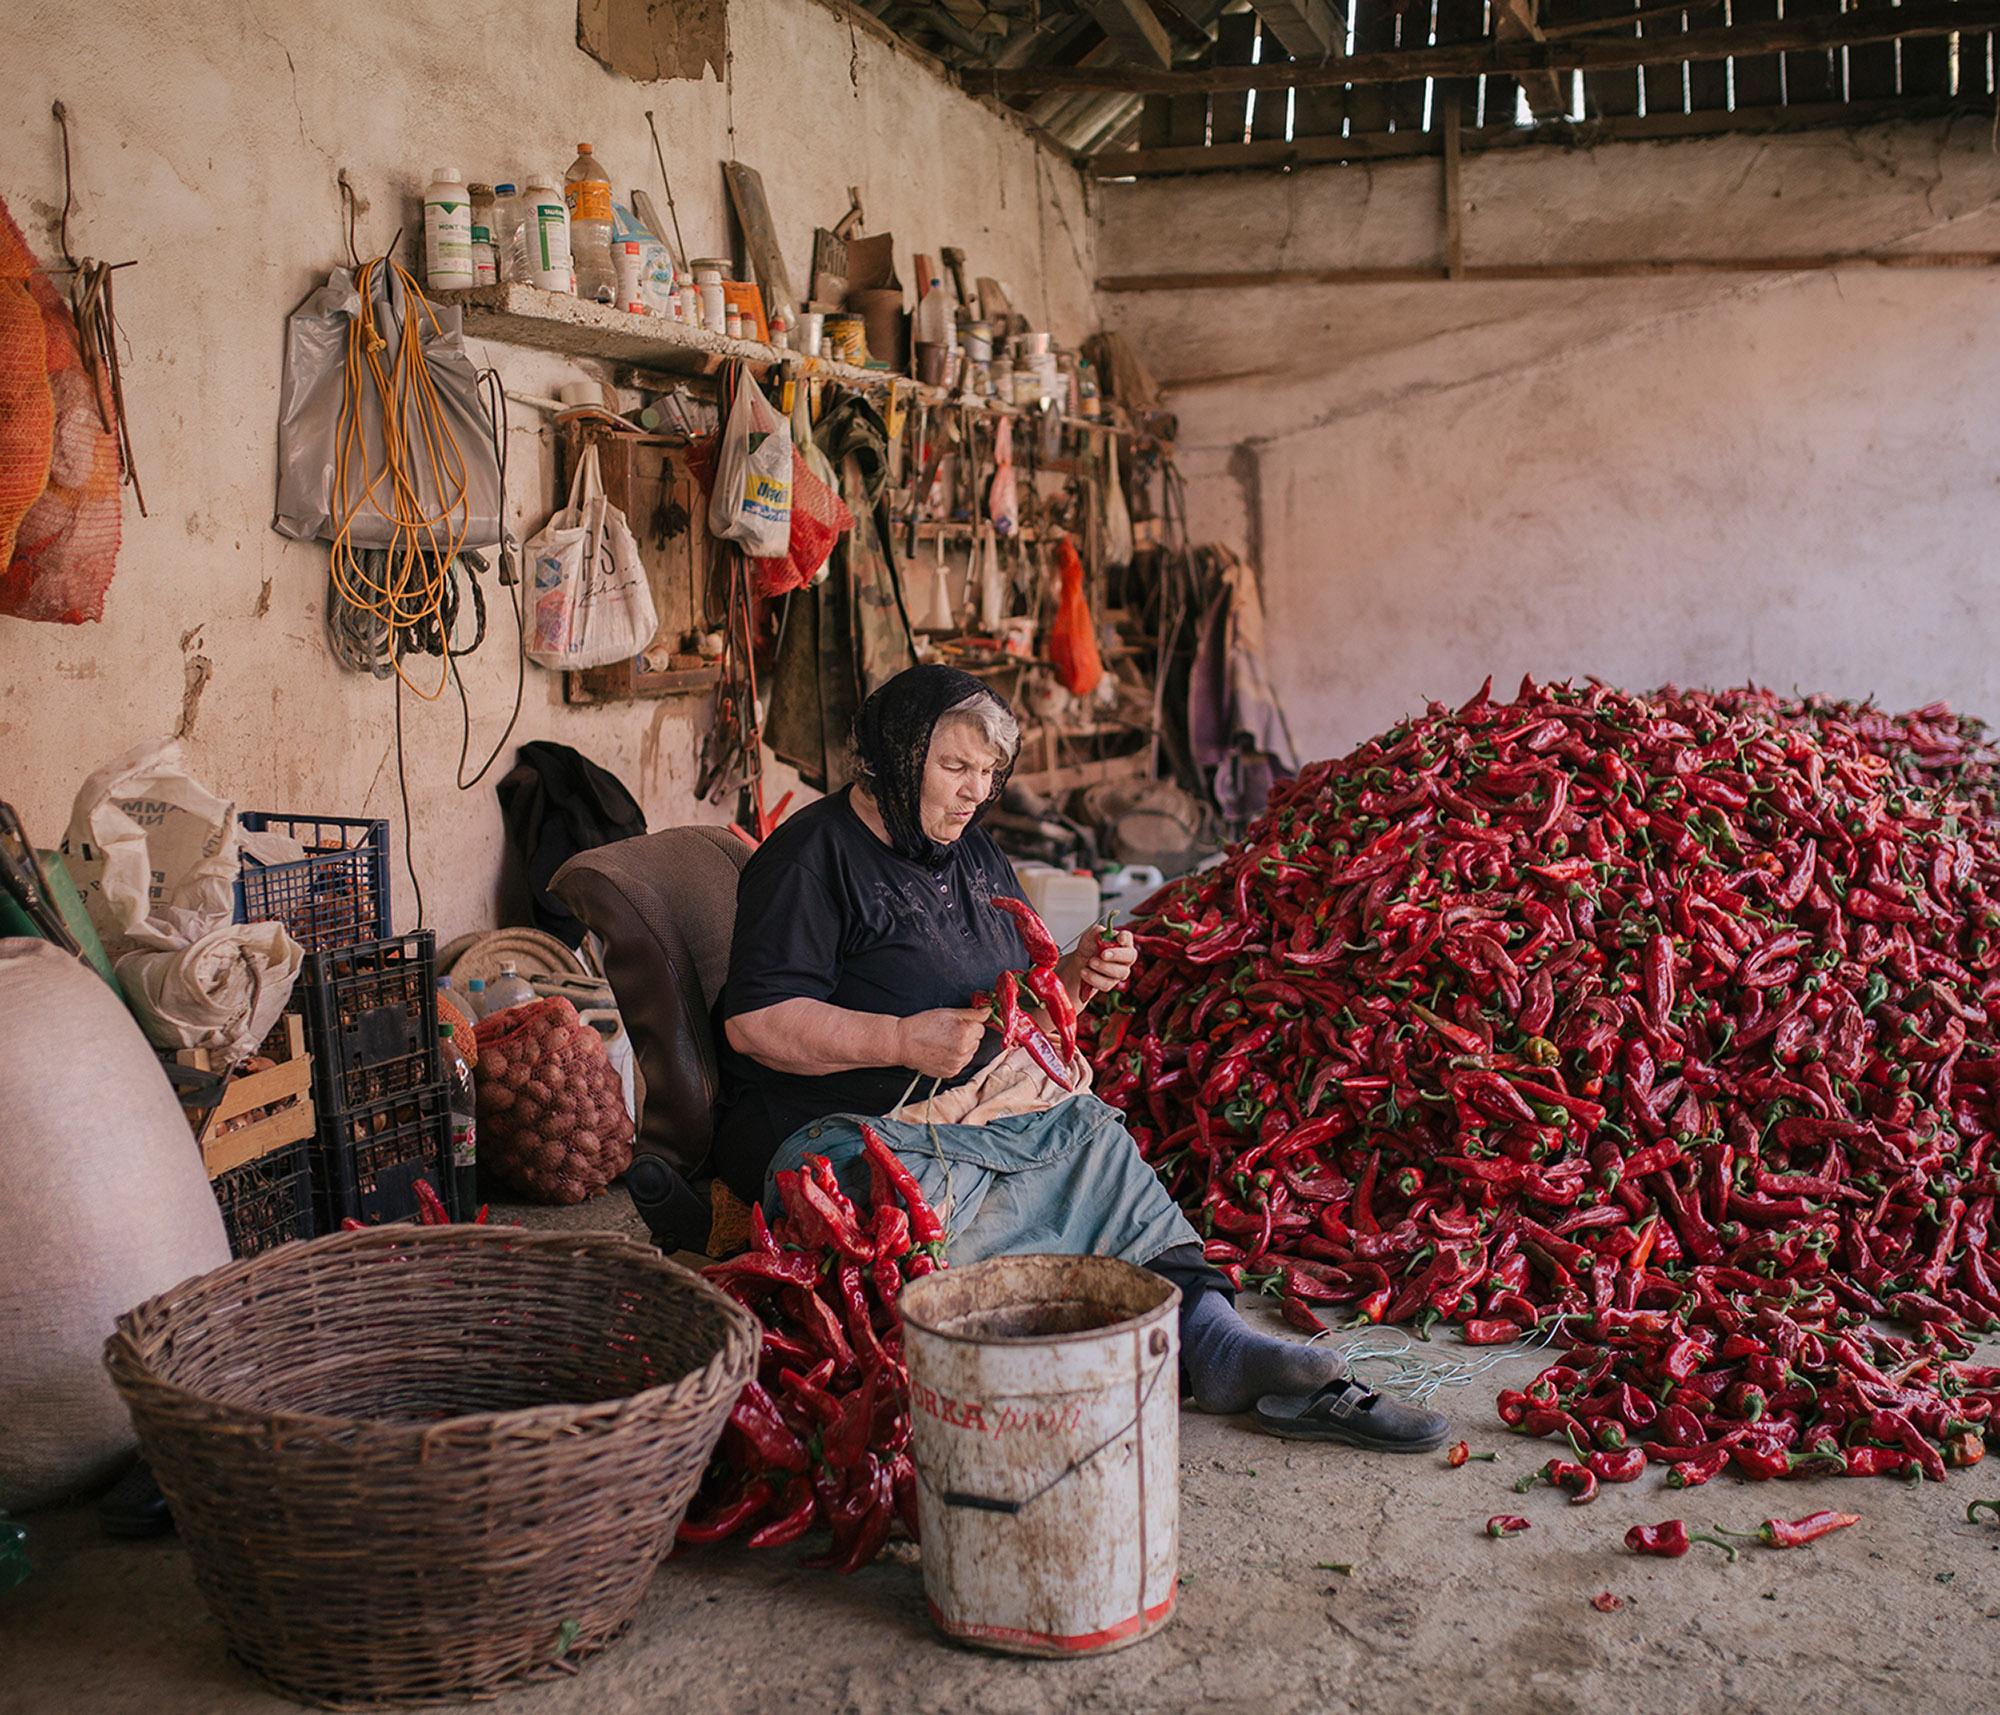 Une femme âgée prépare des fils de paprika rouge le 19 septembre 2020 à Donja Lokosnica, Serbie